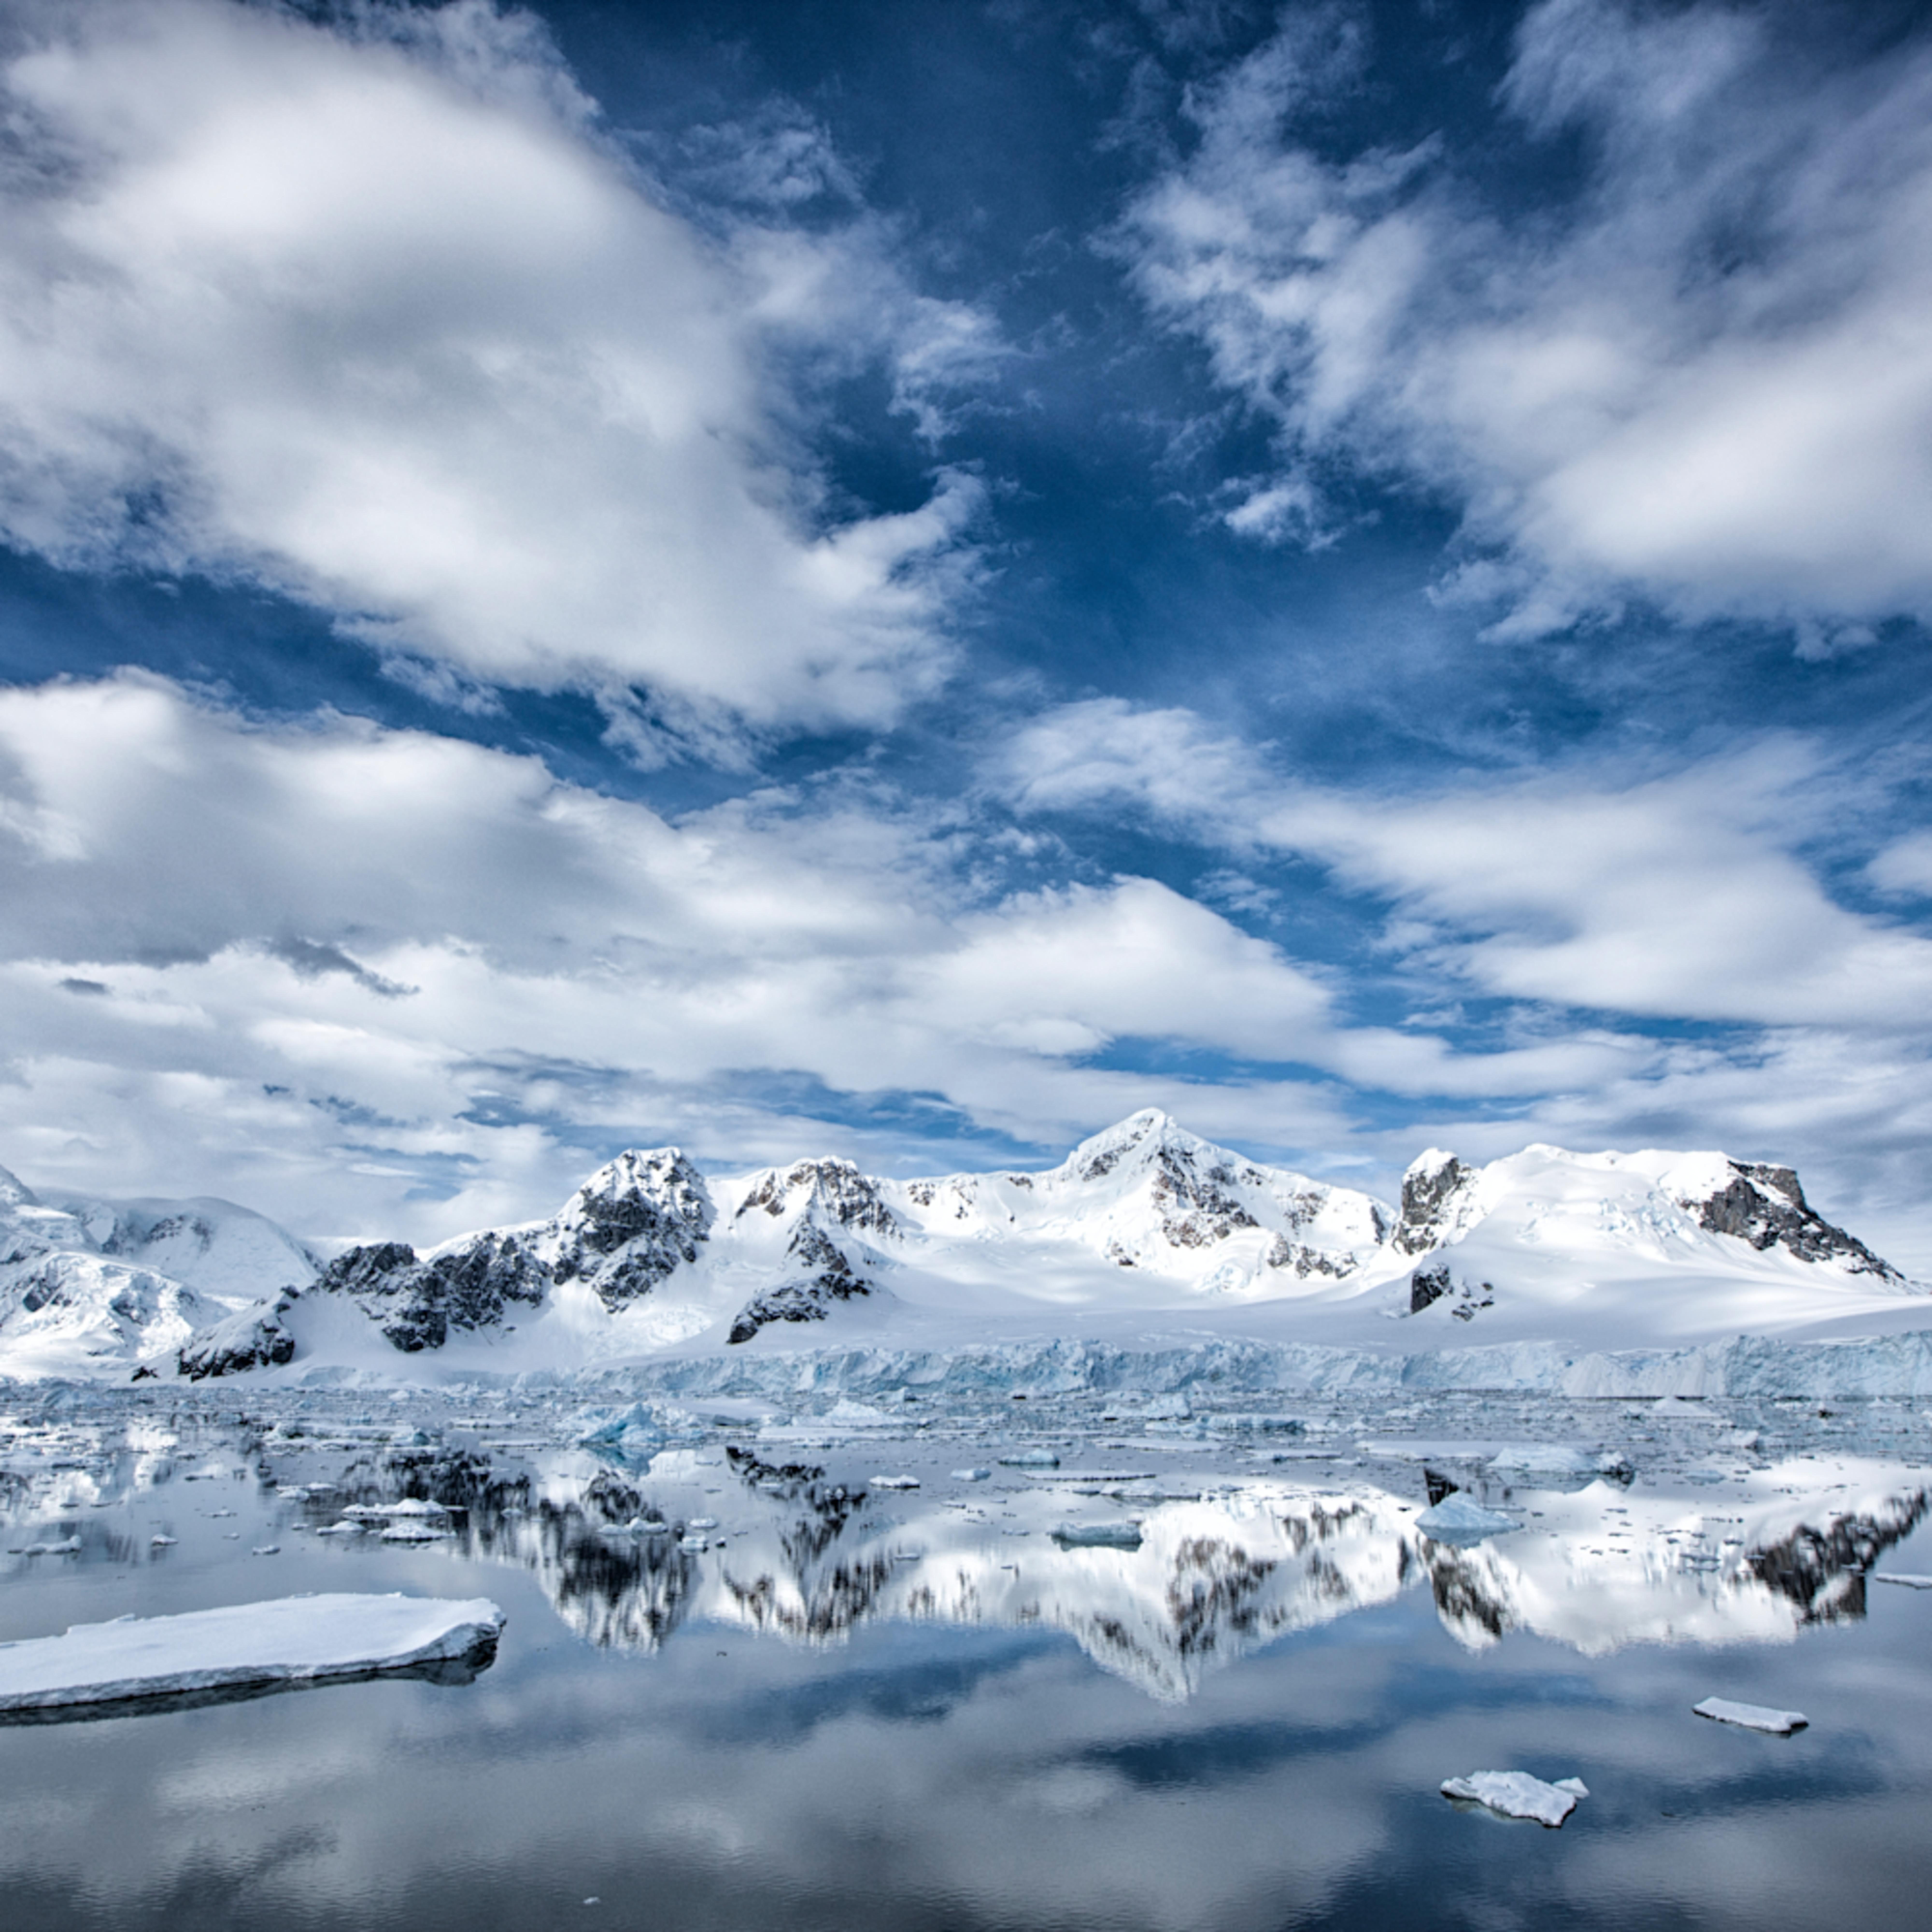 Mbp antarctica 20121123 5273 s6tb1d